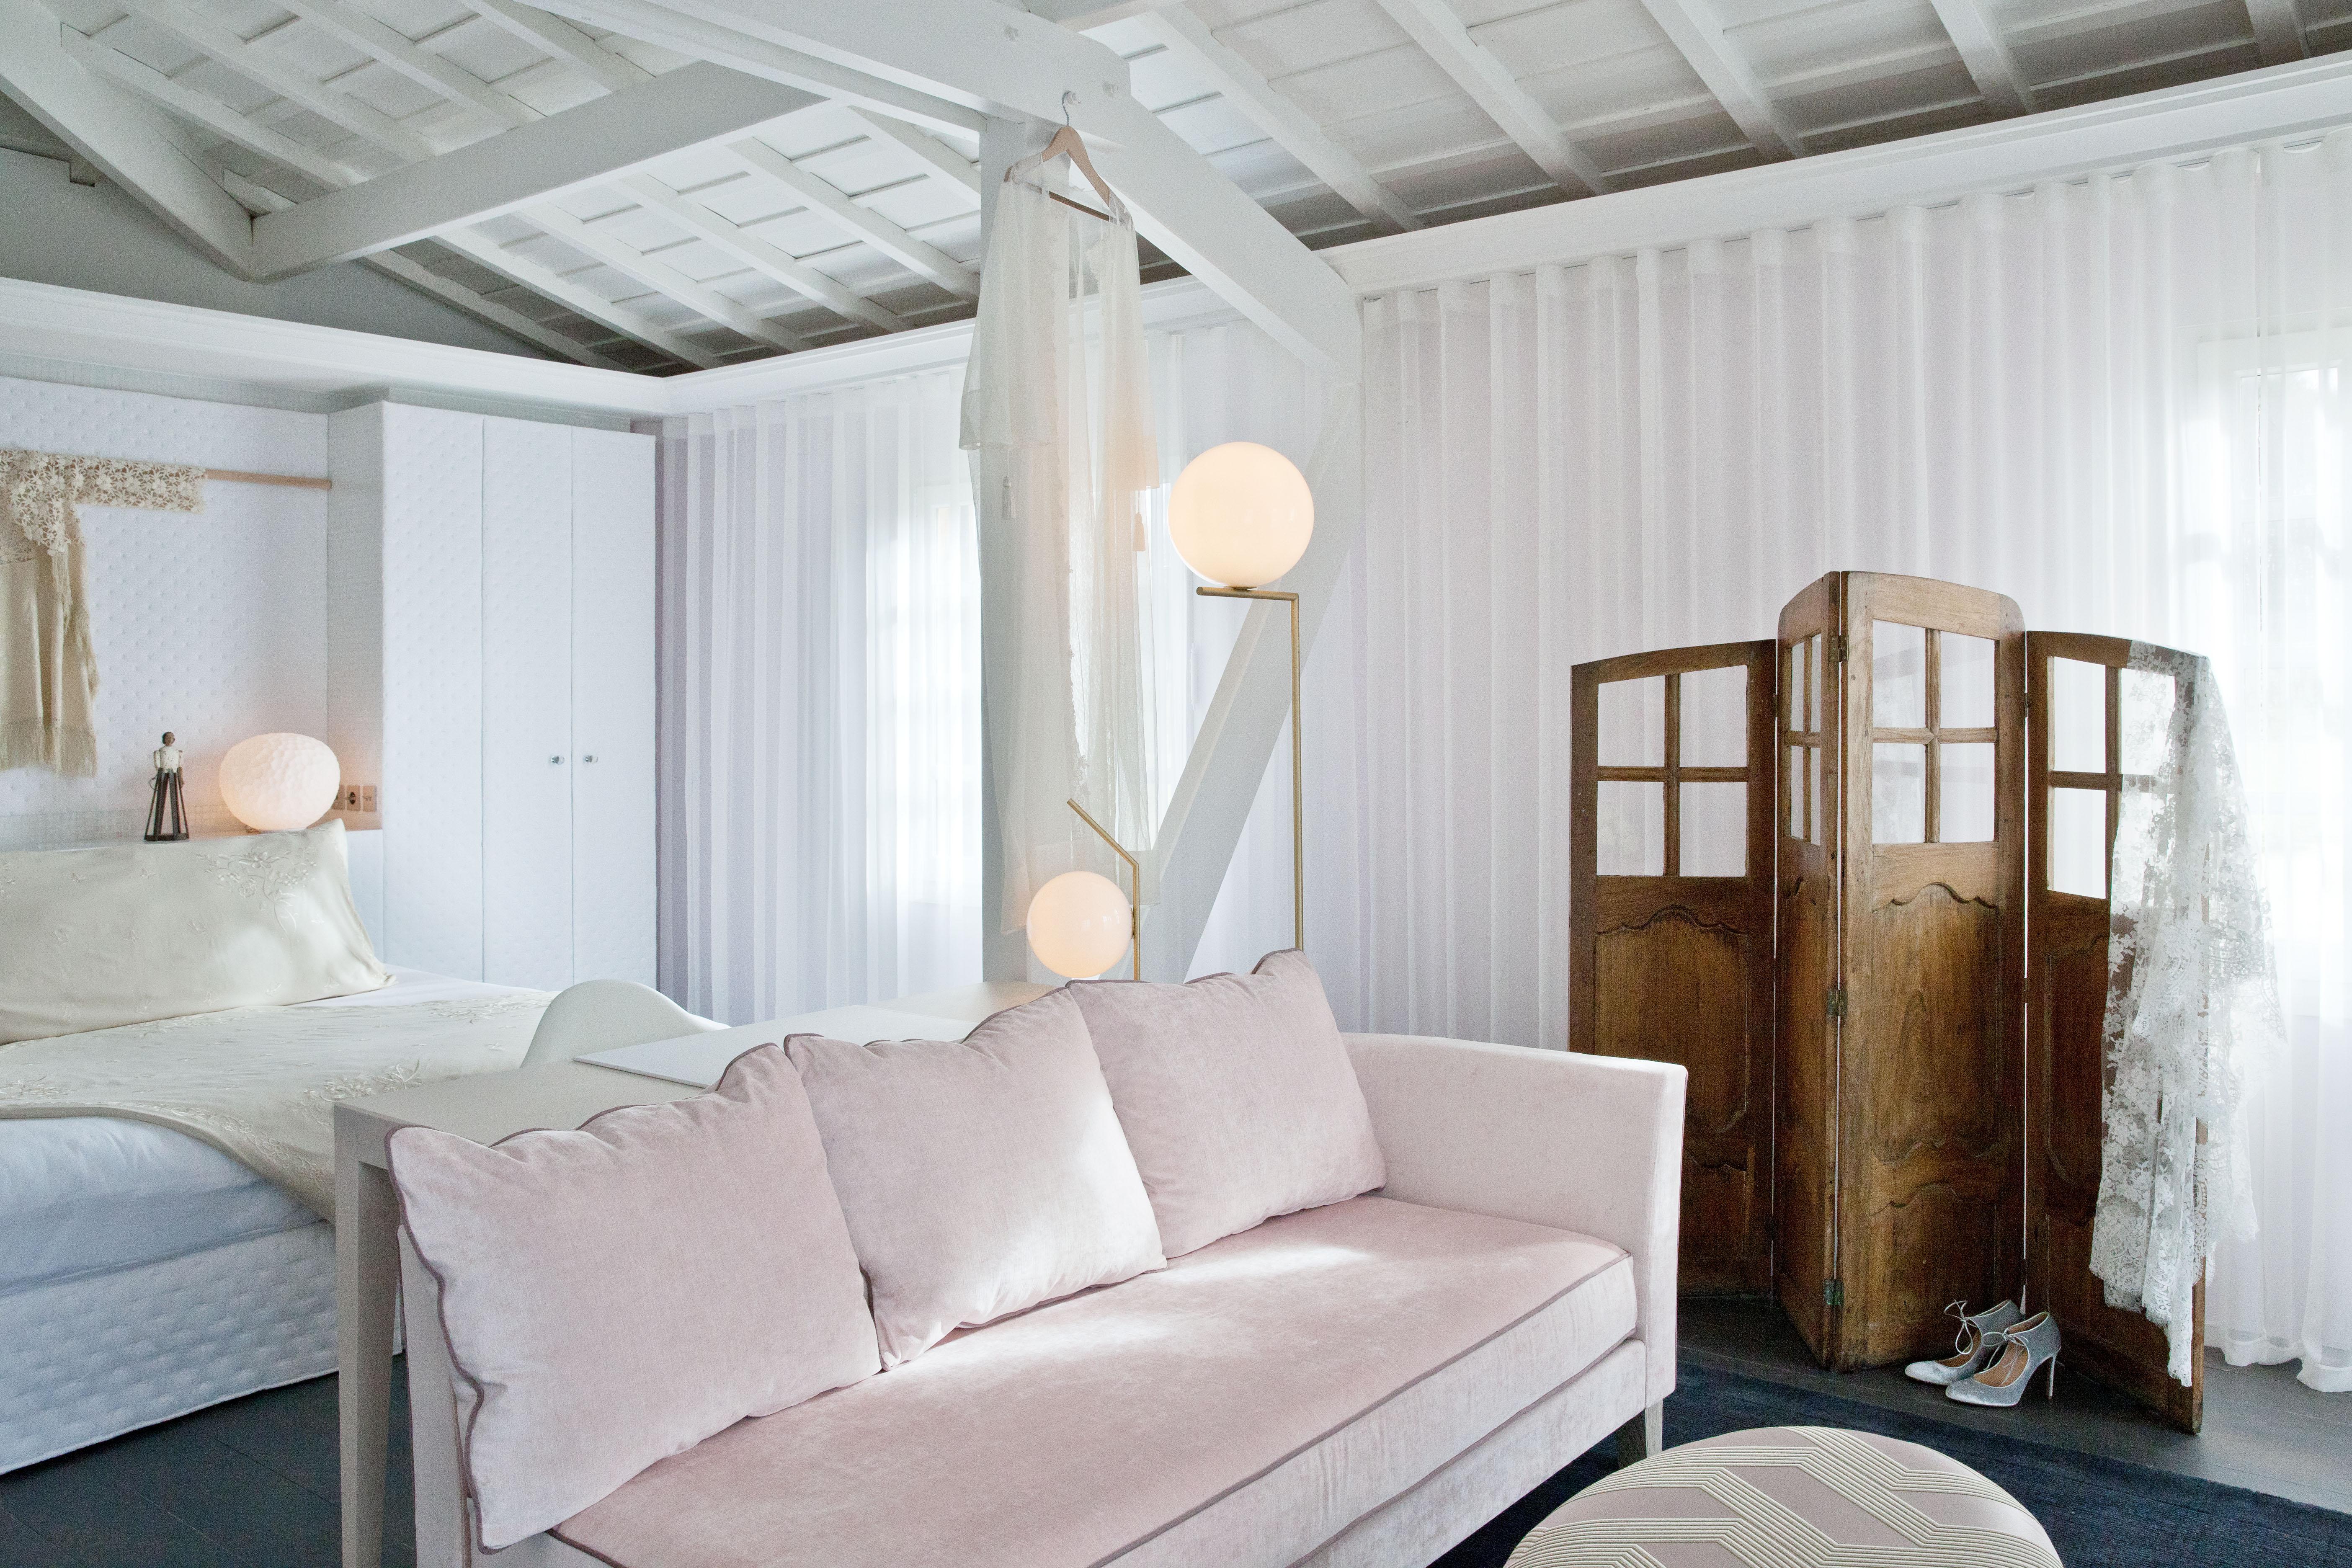 Delphine Manivet design for the Caudalie suite.